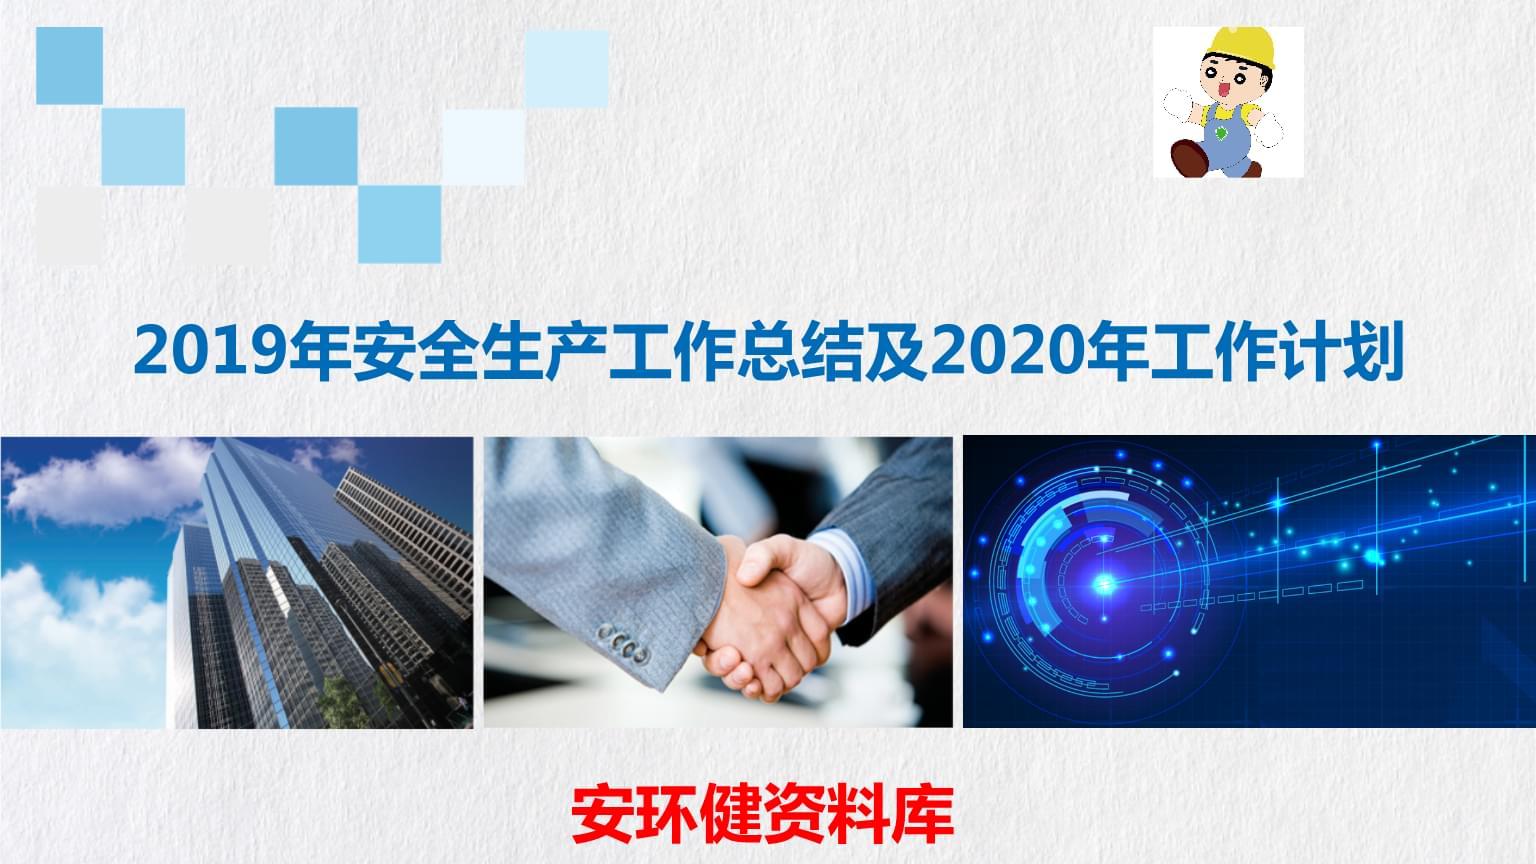 安全生产工作总结及2020计划 培训.pptx